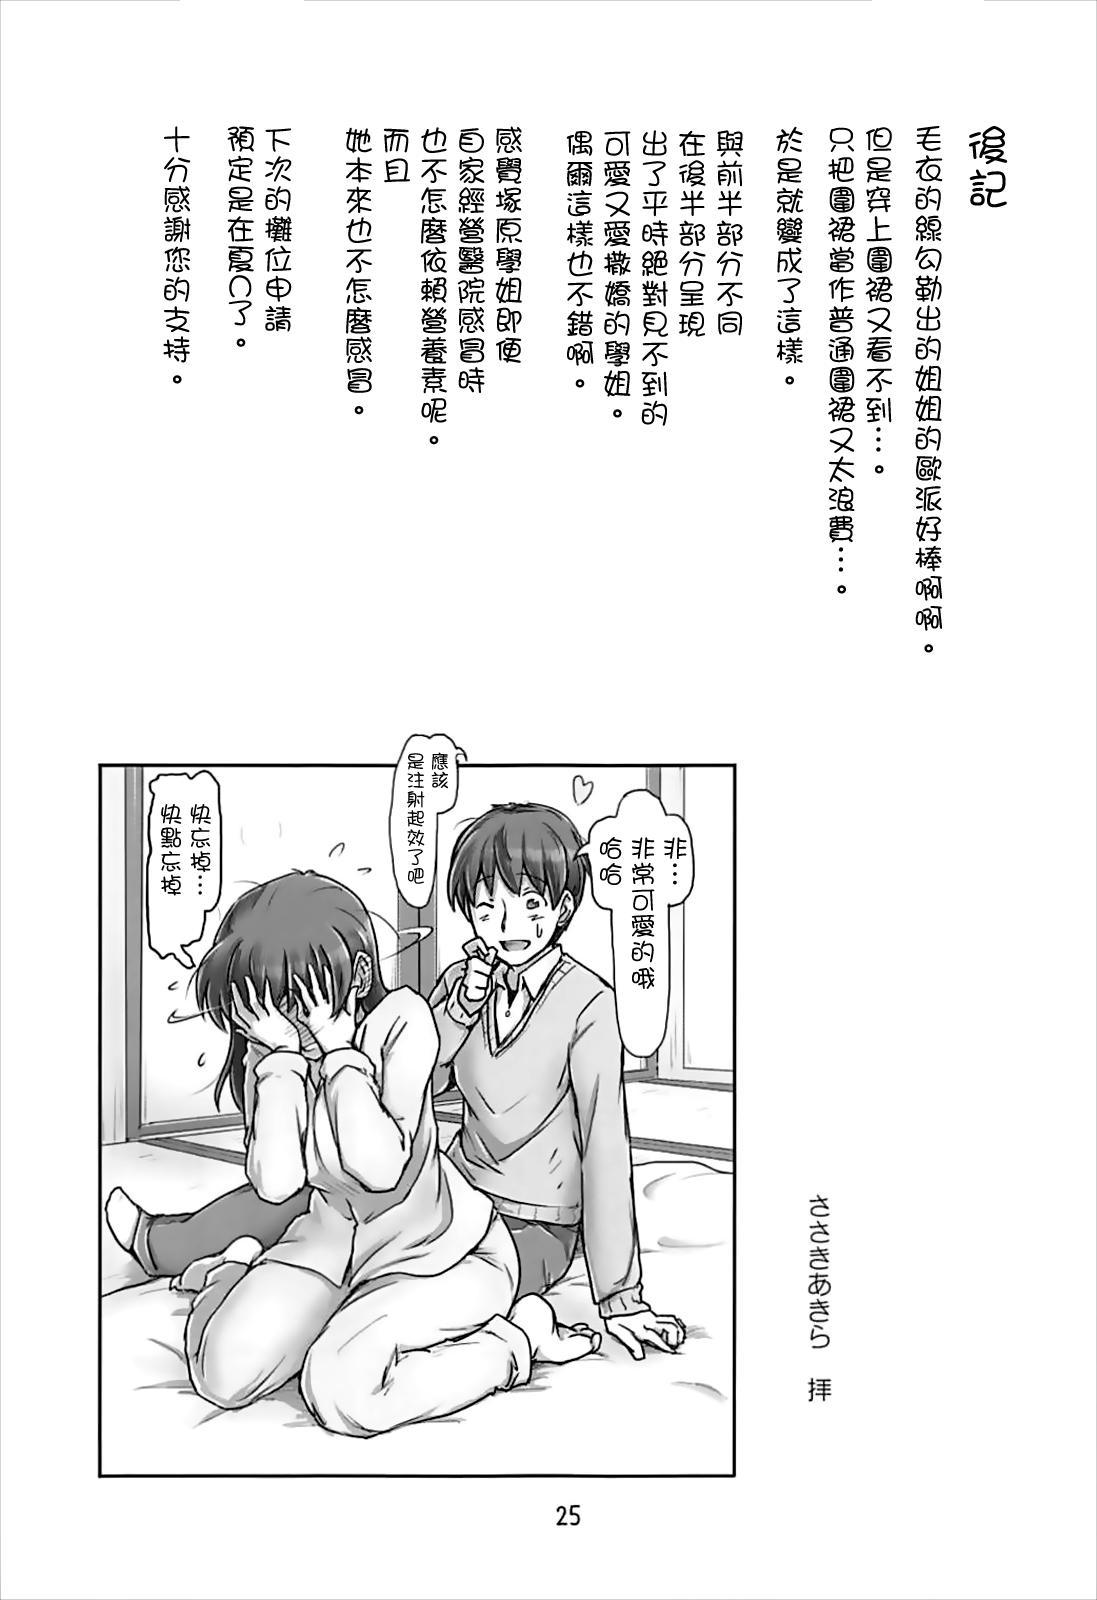 Kinou Onee-san Datta no ni Kyou wa Boku ga Senpai da nante 23